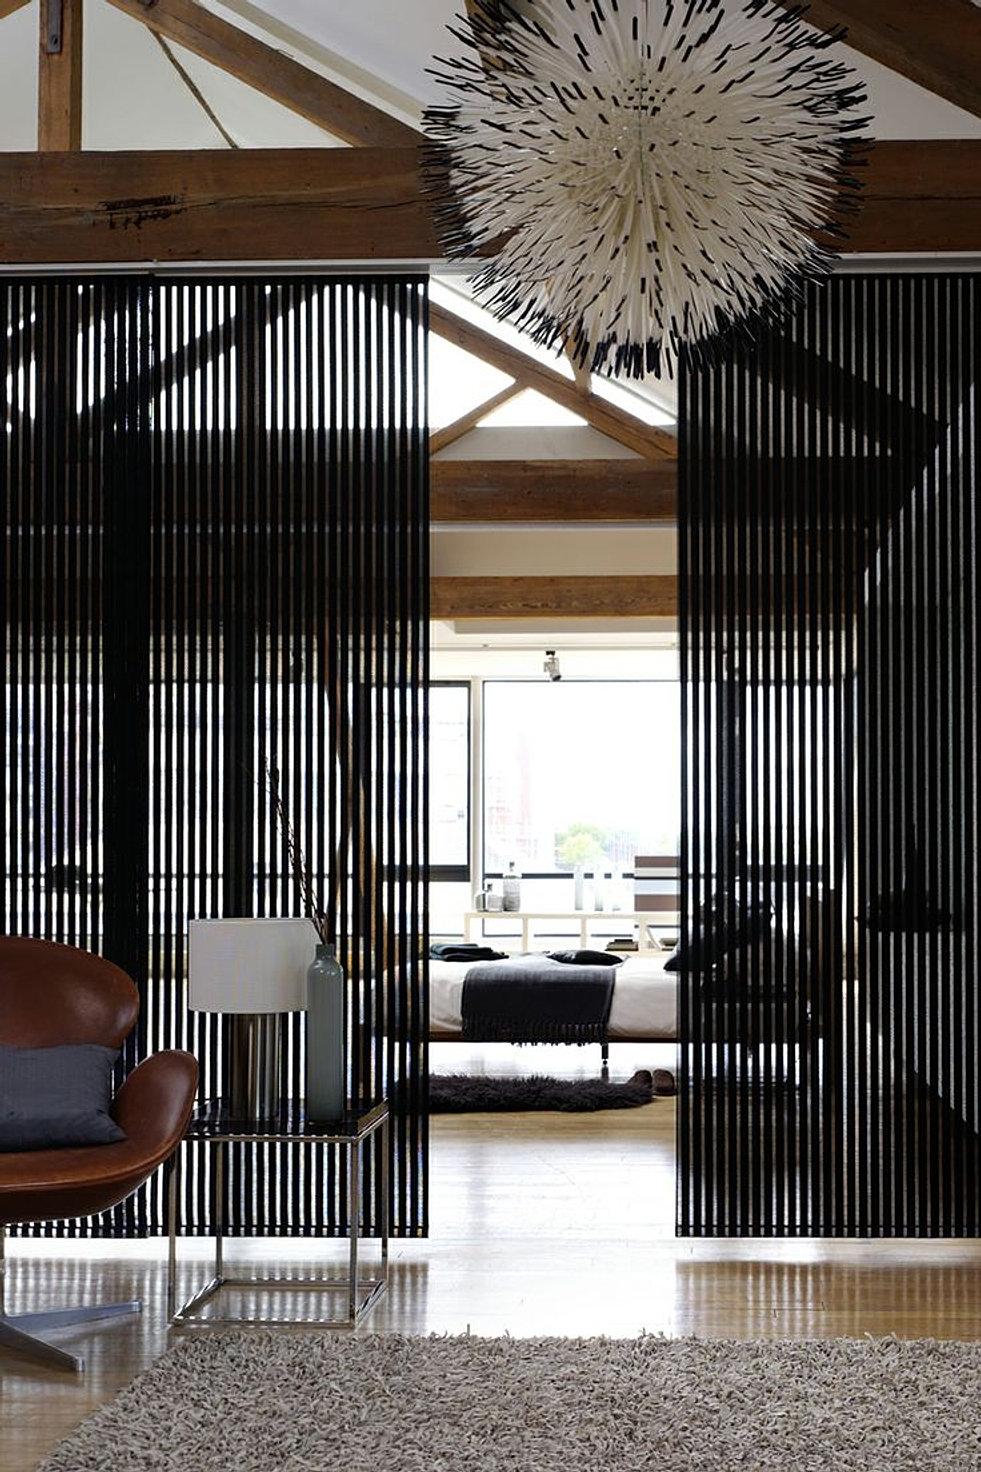 Baño Inteligente Japones:Son ideales para grandes ventanales o puertaventanas y permiten un